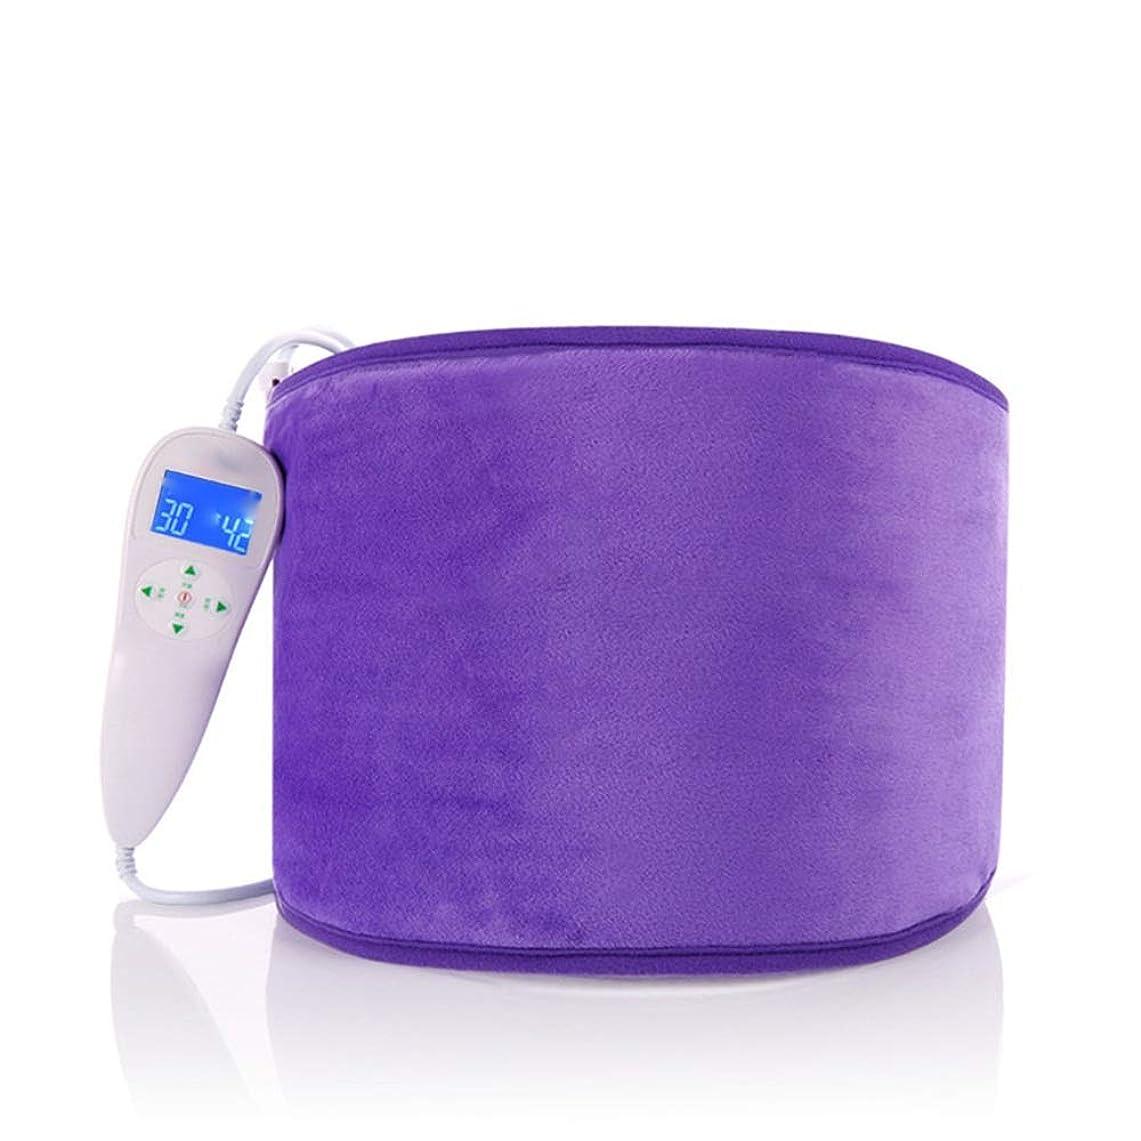 販売計画時系列脱臼する背中の痛みとけいれんの救済のための加熱腰パッドは、男性と女性にフィット 腰痛保護バンド (色 : 紫の, サイズ : Free size)